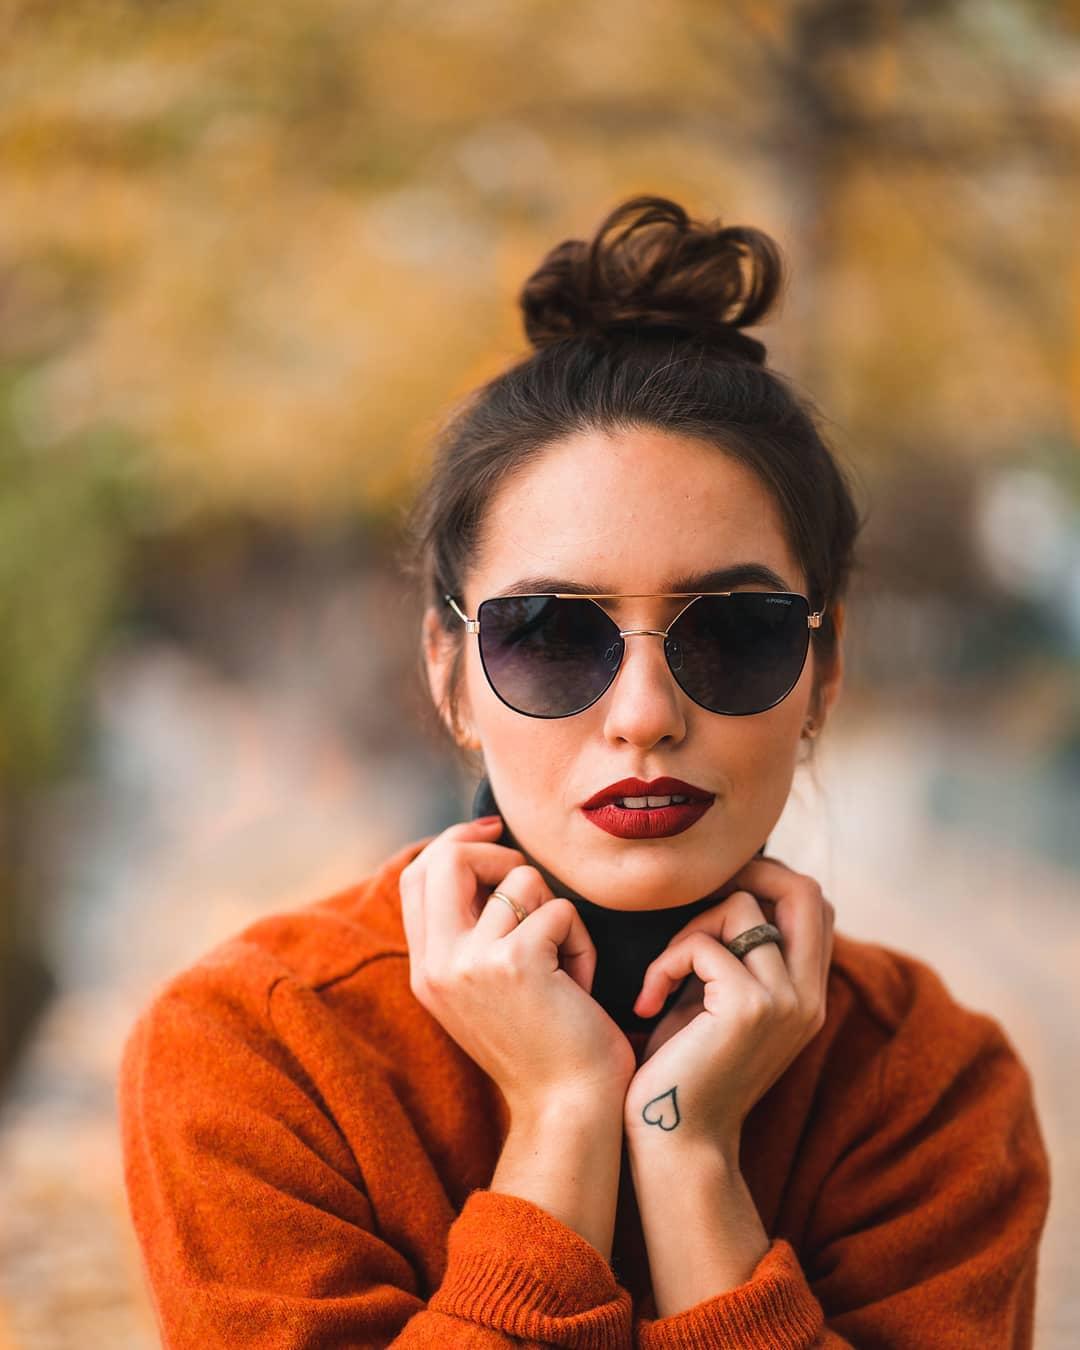 Italská značka #Polaroid udává trendy a zároveň přináší zpět i klasické designy Tyto cenově dostupné a trendy brýle můžete u nás pořídit dokonce s dopravou zdarma Necháte se zlákat? . . . . #vasecocky #slunecnibryle #sunglasses #sunglassesfashion #sunglasseslover #sunglassesstyle #sunglassestrends #sunnies #eyewearlover #eyeweartrends